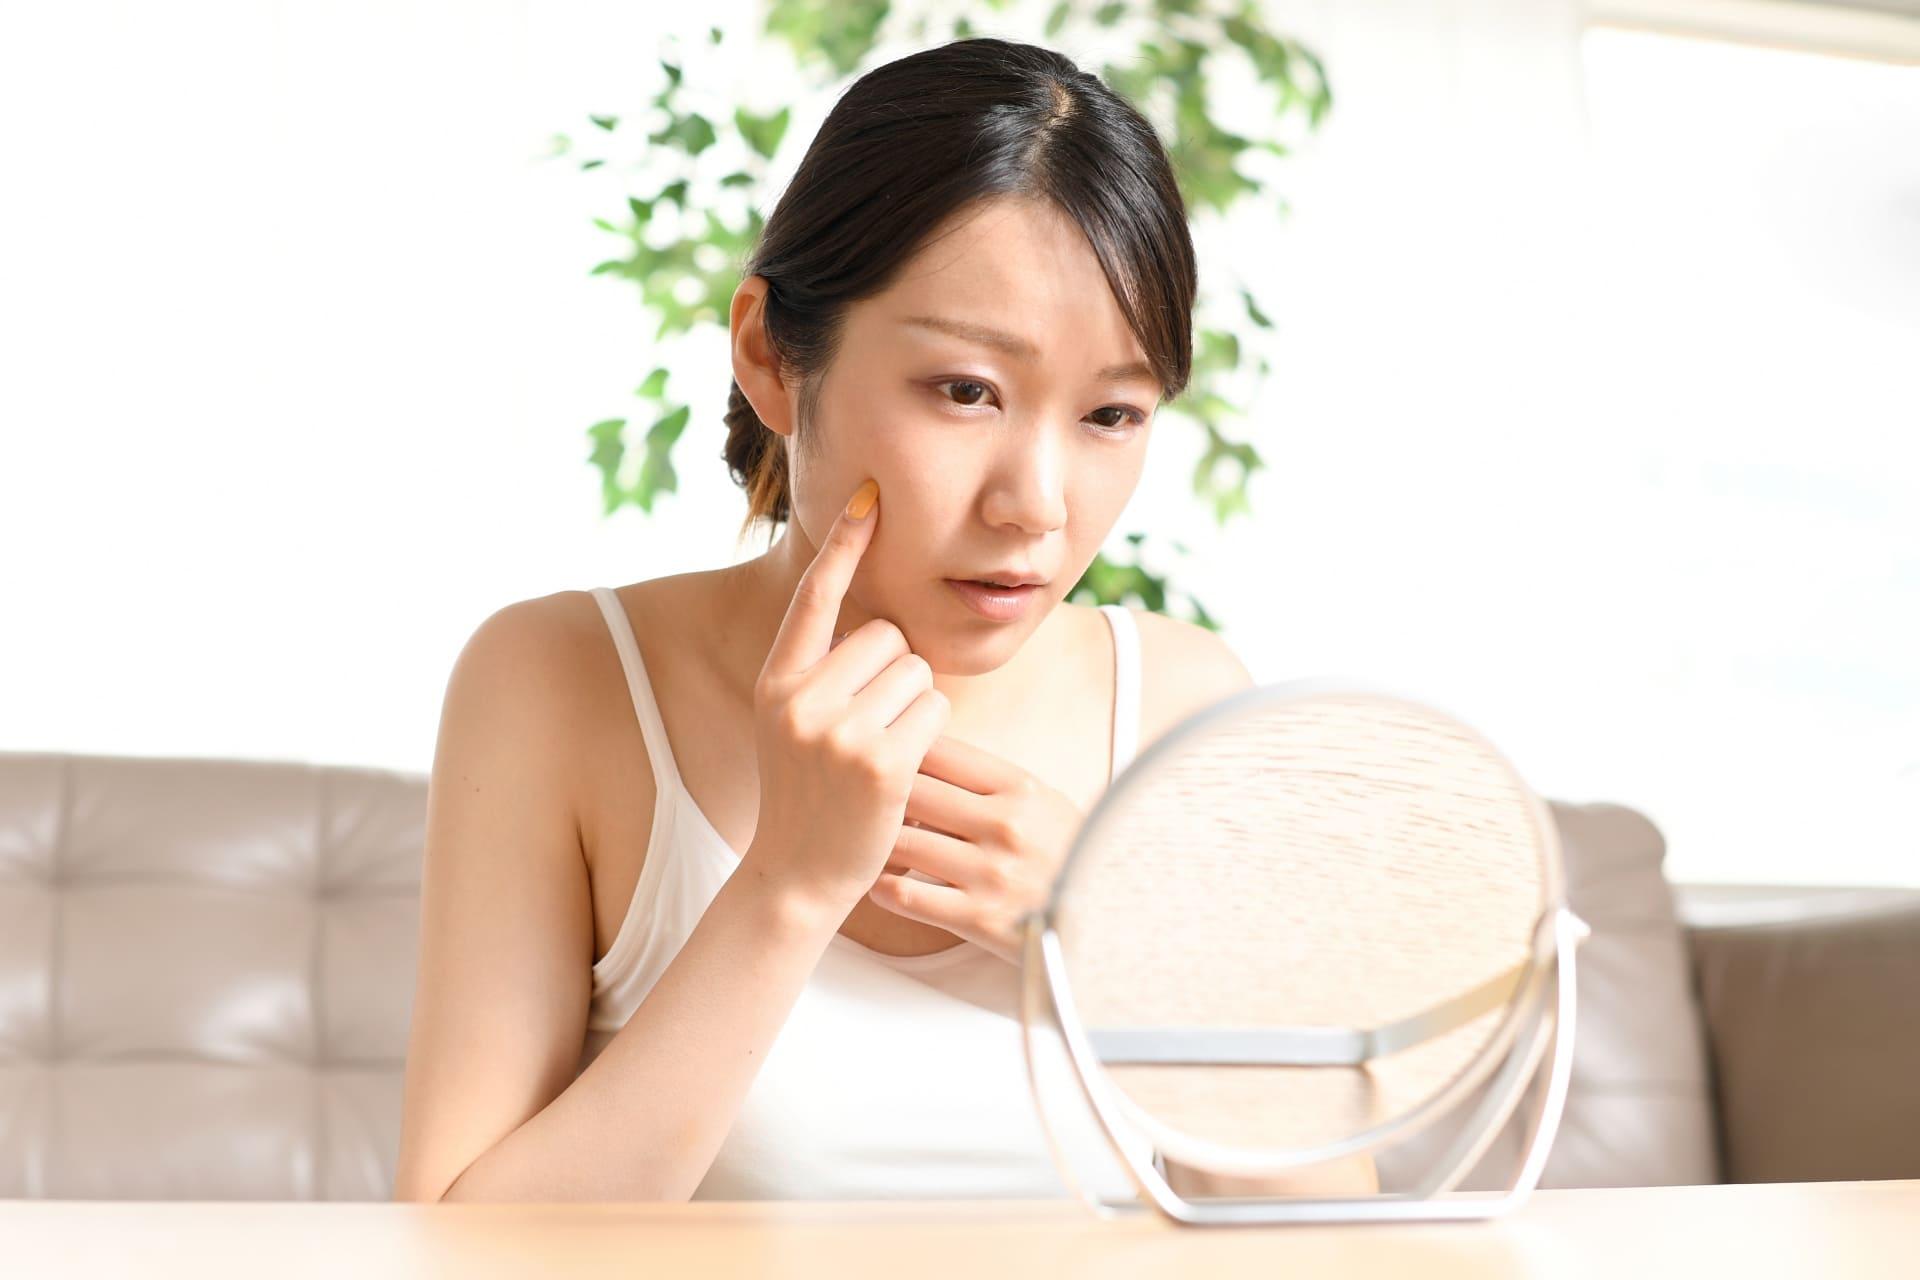 朝に鏡を見て自分の肌の状態にショックを受けている女性